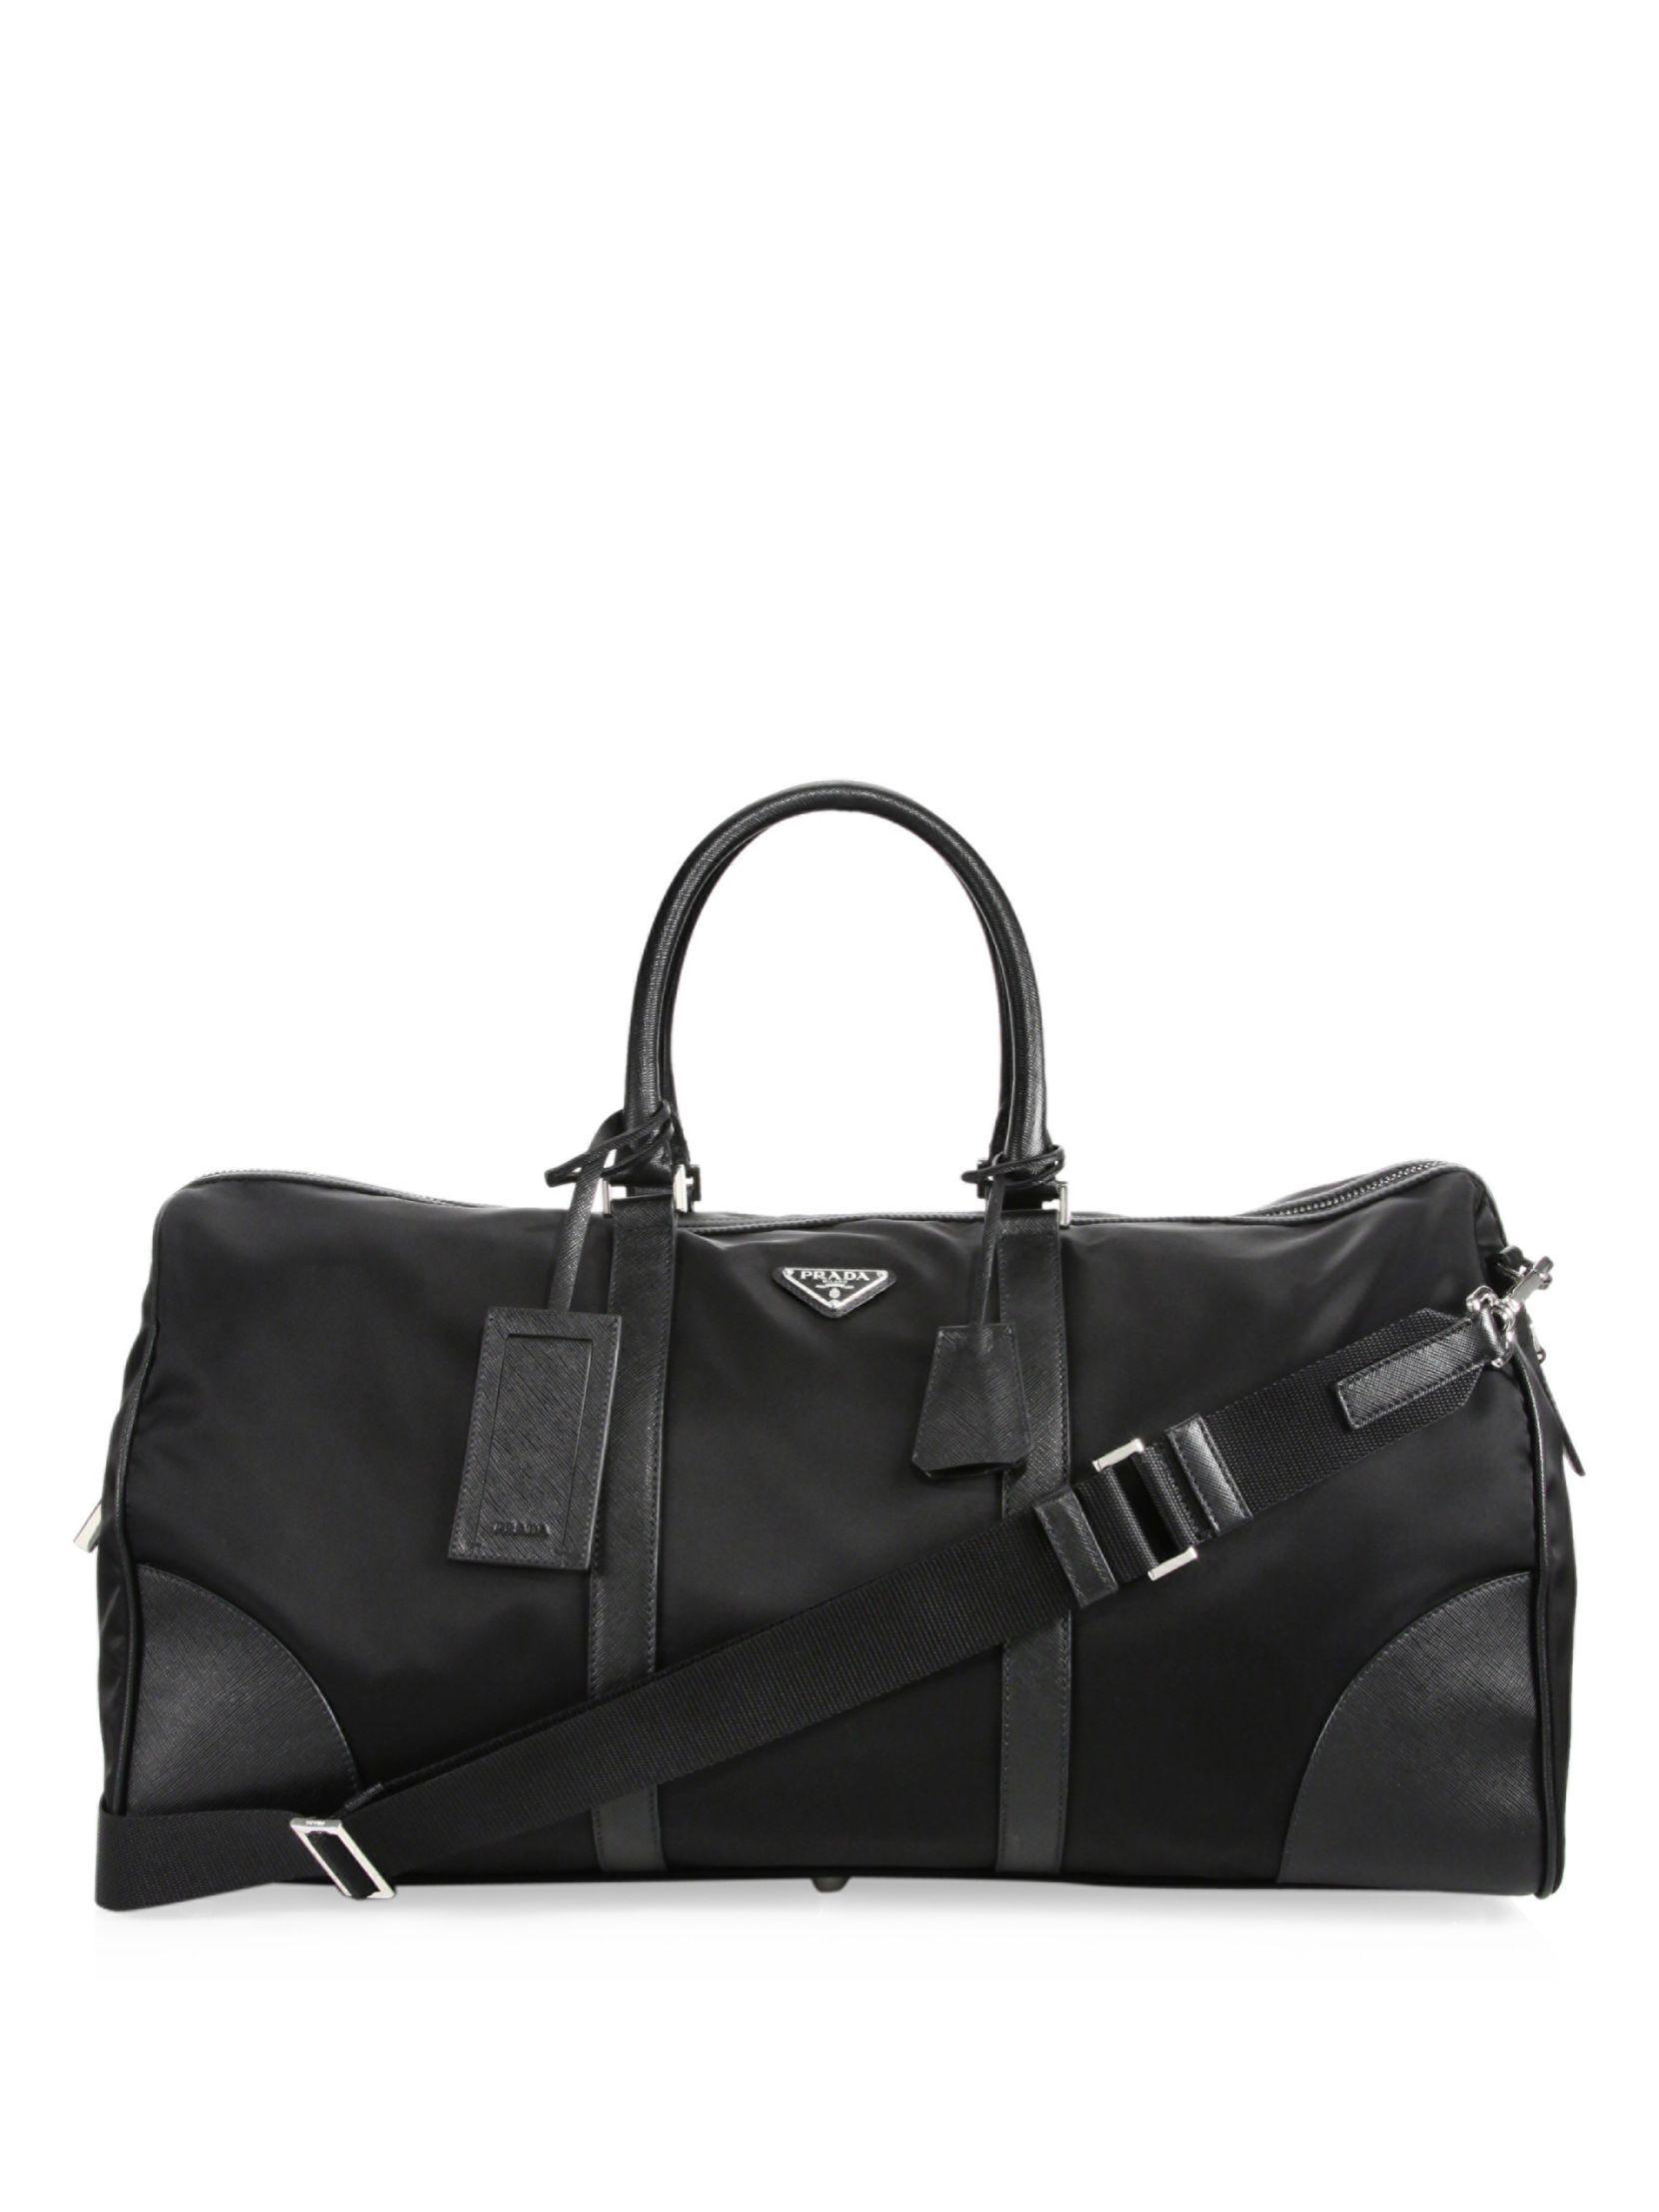 d5bae2ea35 Prada Nylon Duffel Bag